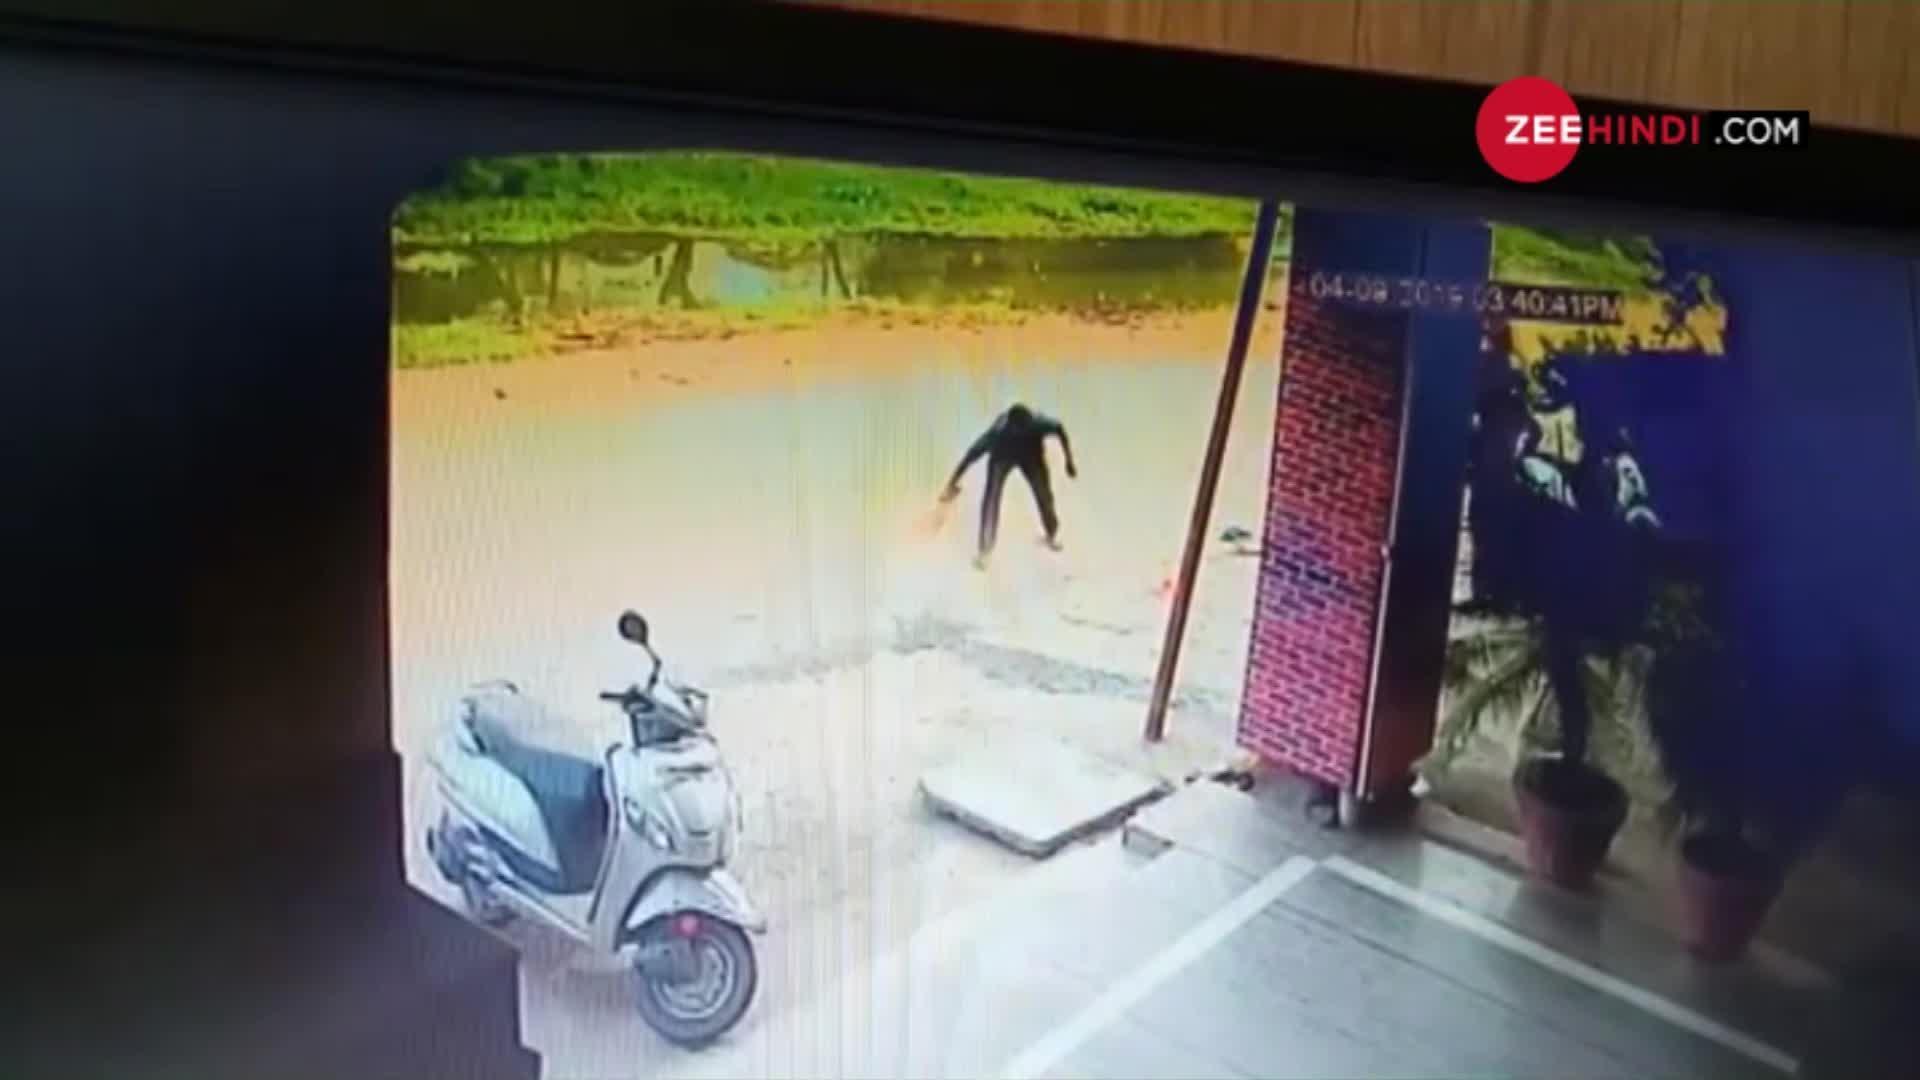 Video: सामने आया गुरदासपुर हादसे का CCTV फुटेज, चंद सेकेंड में मची तबाही